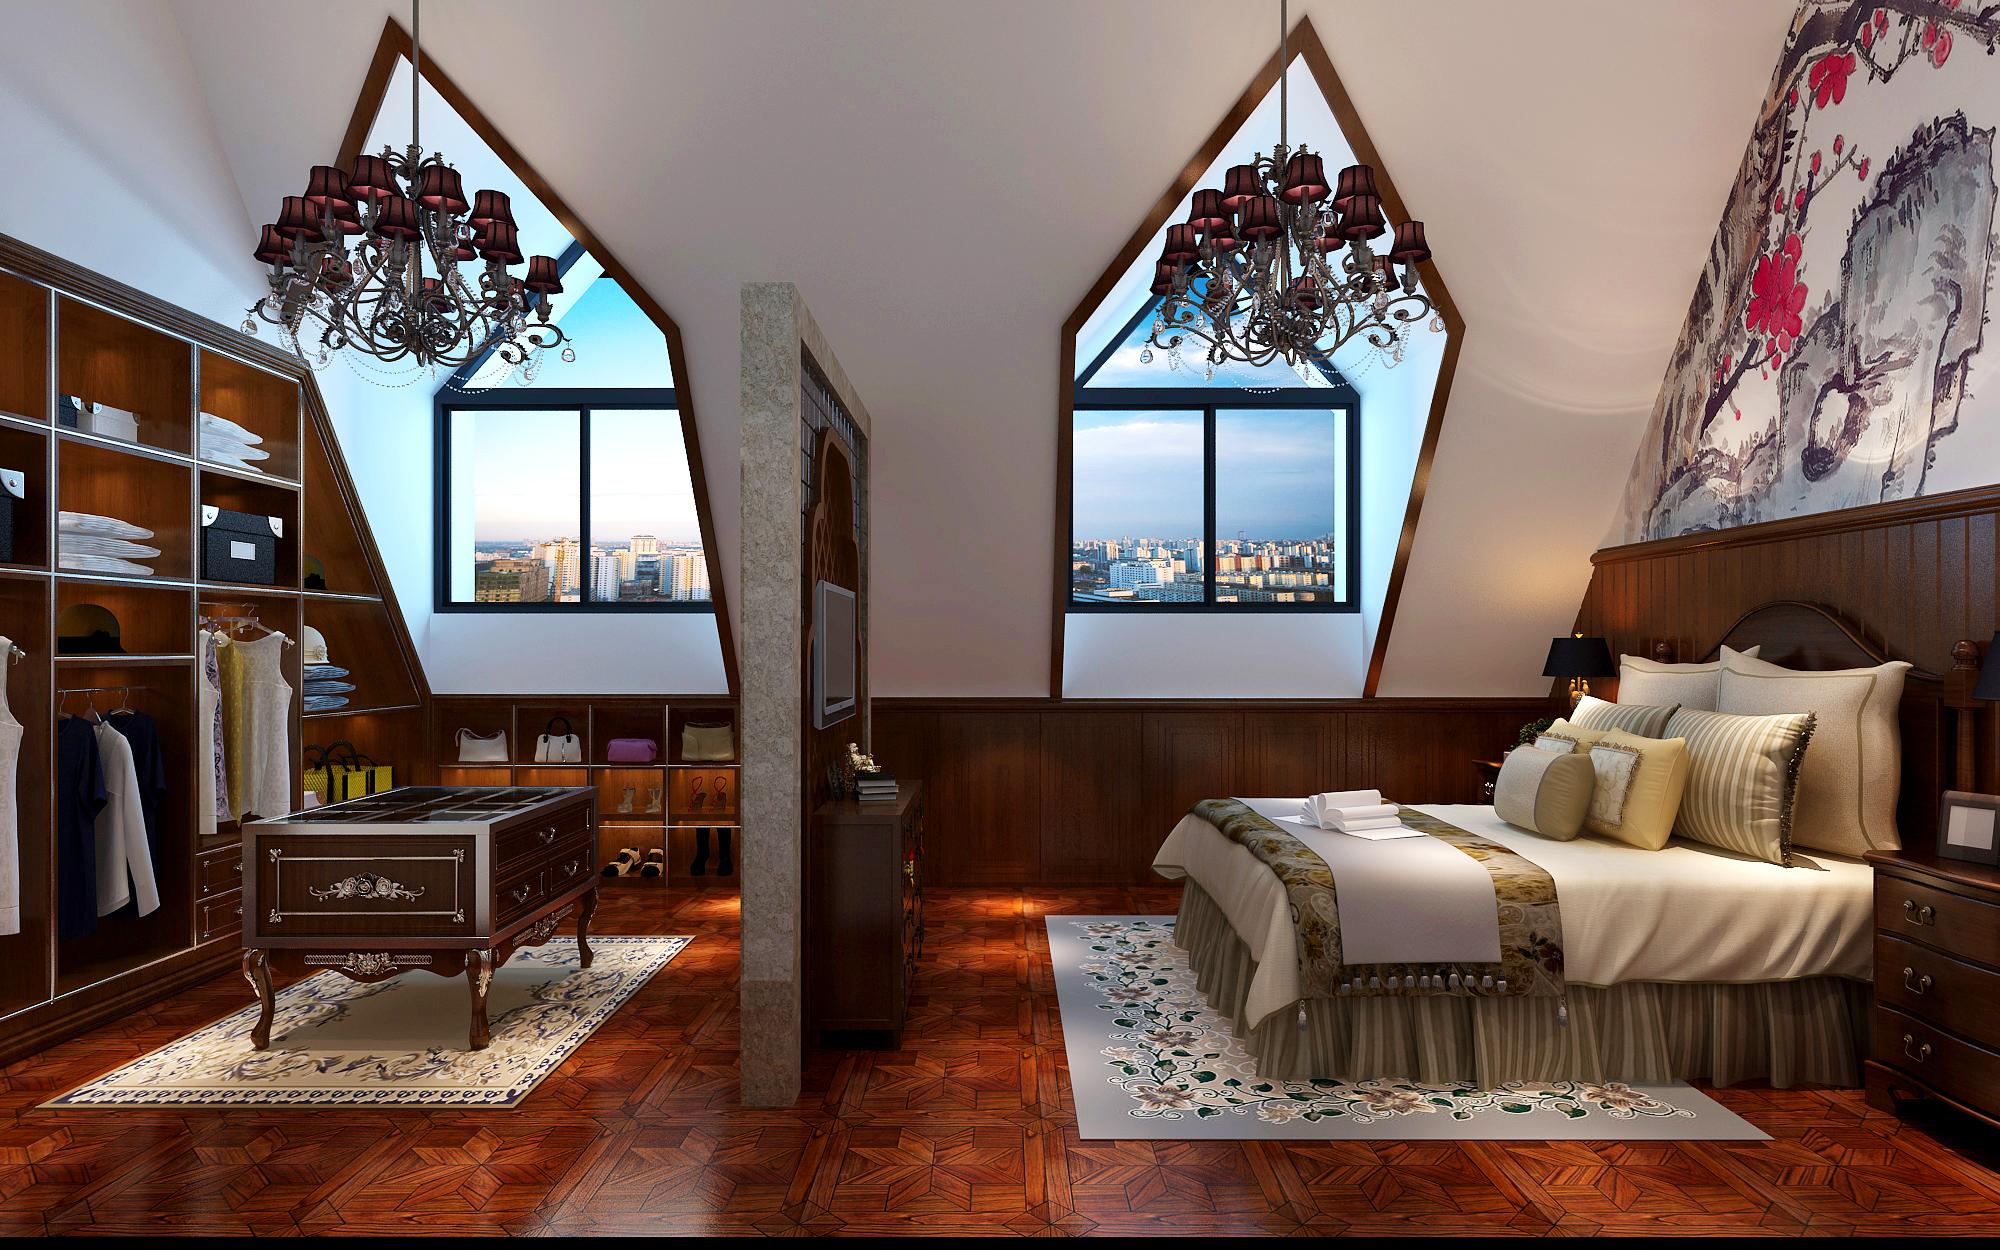 简约 欧式 田园 混搭 二居 三居 别墅 白领 旧房改造 卧室图片来自黑马36581在联盟新城的分享